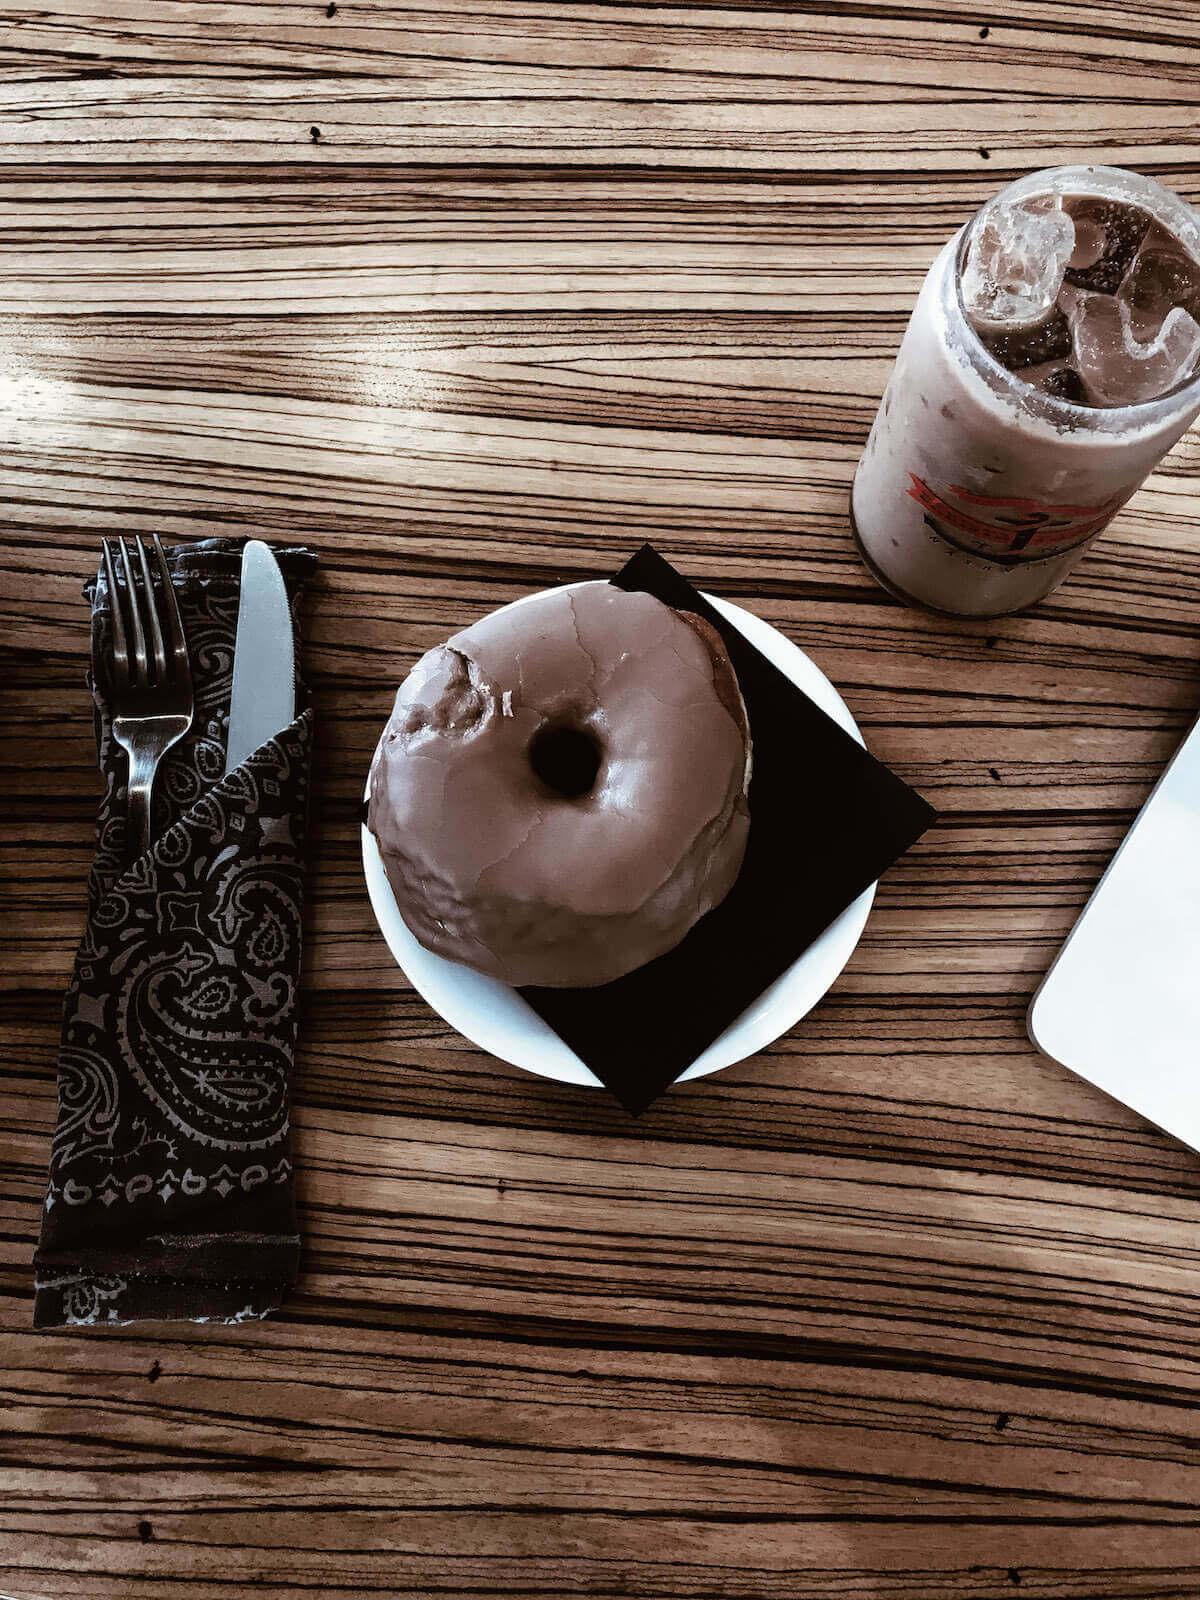 Iced Coffee and Chocolate donut